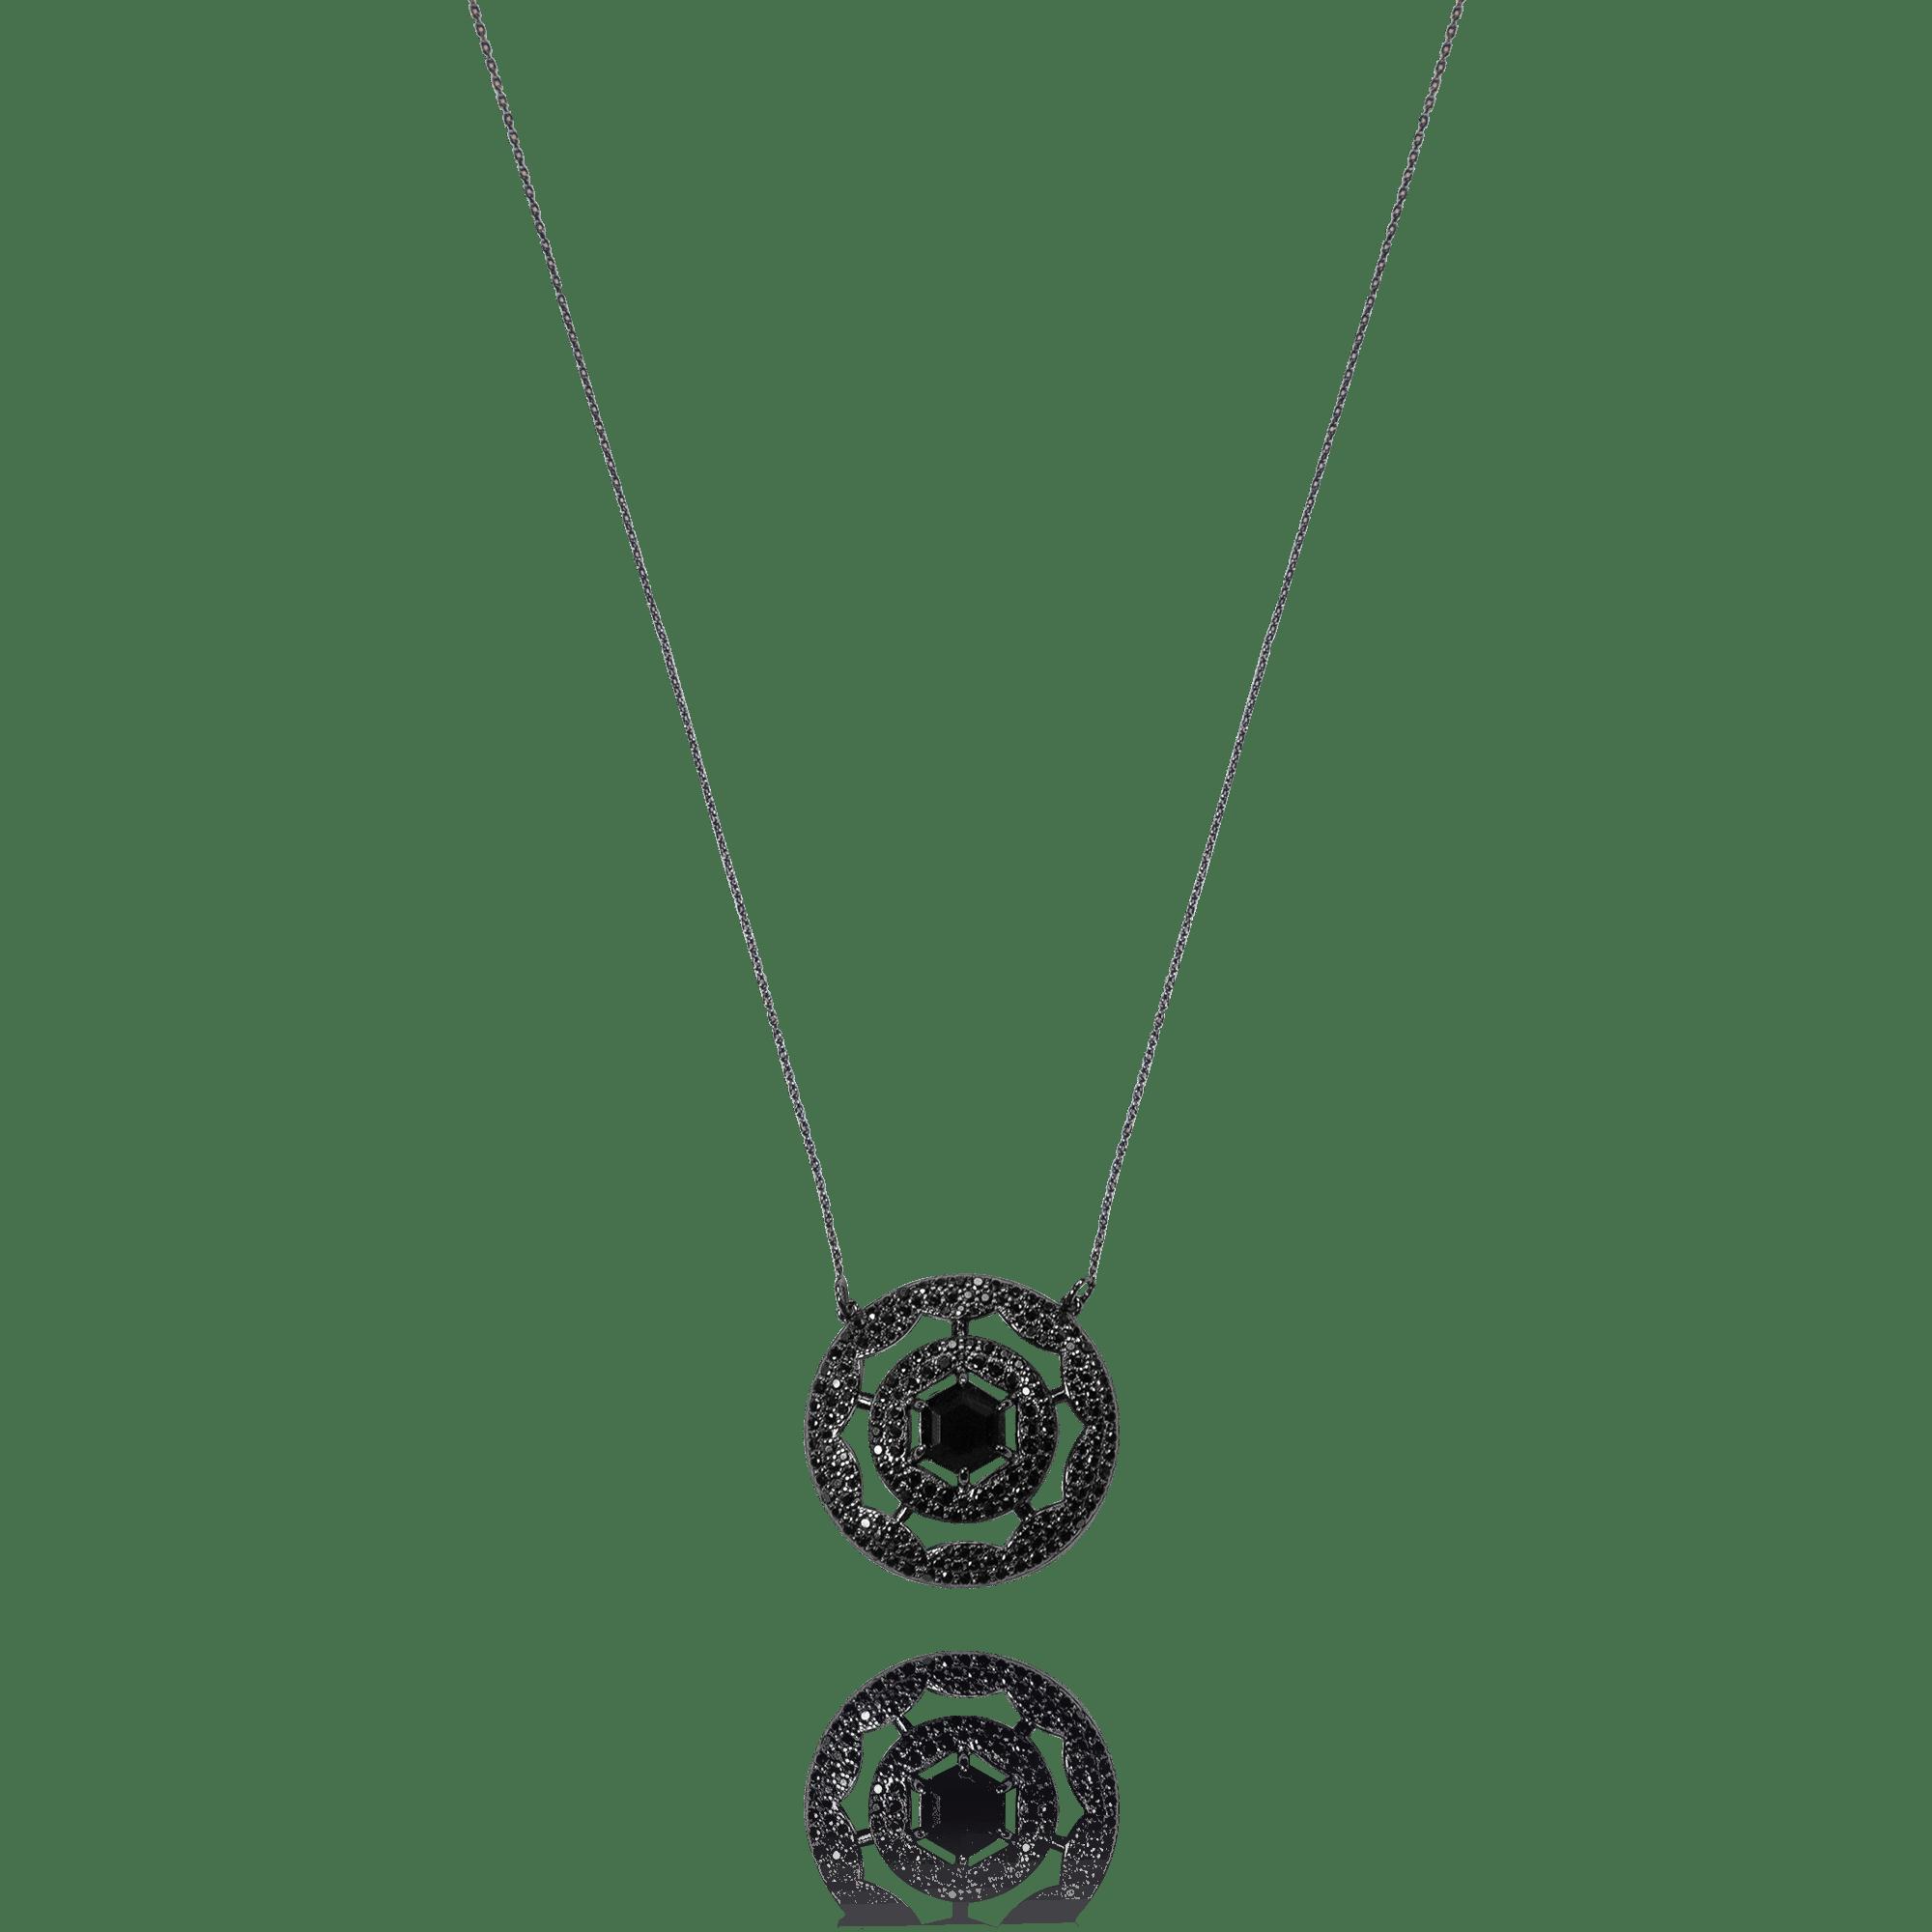 Colar Mandala Vazado Cristal Negro e Zircônias